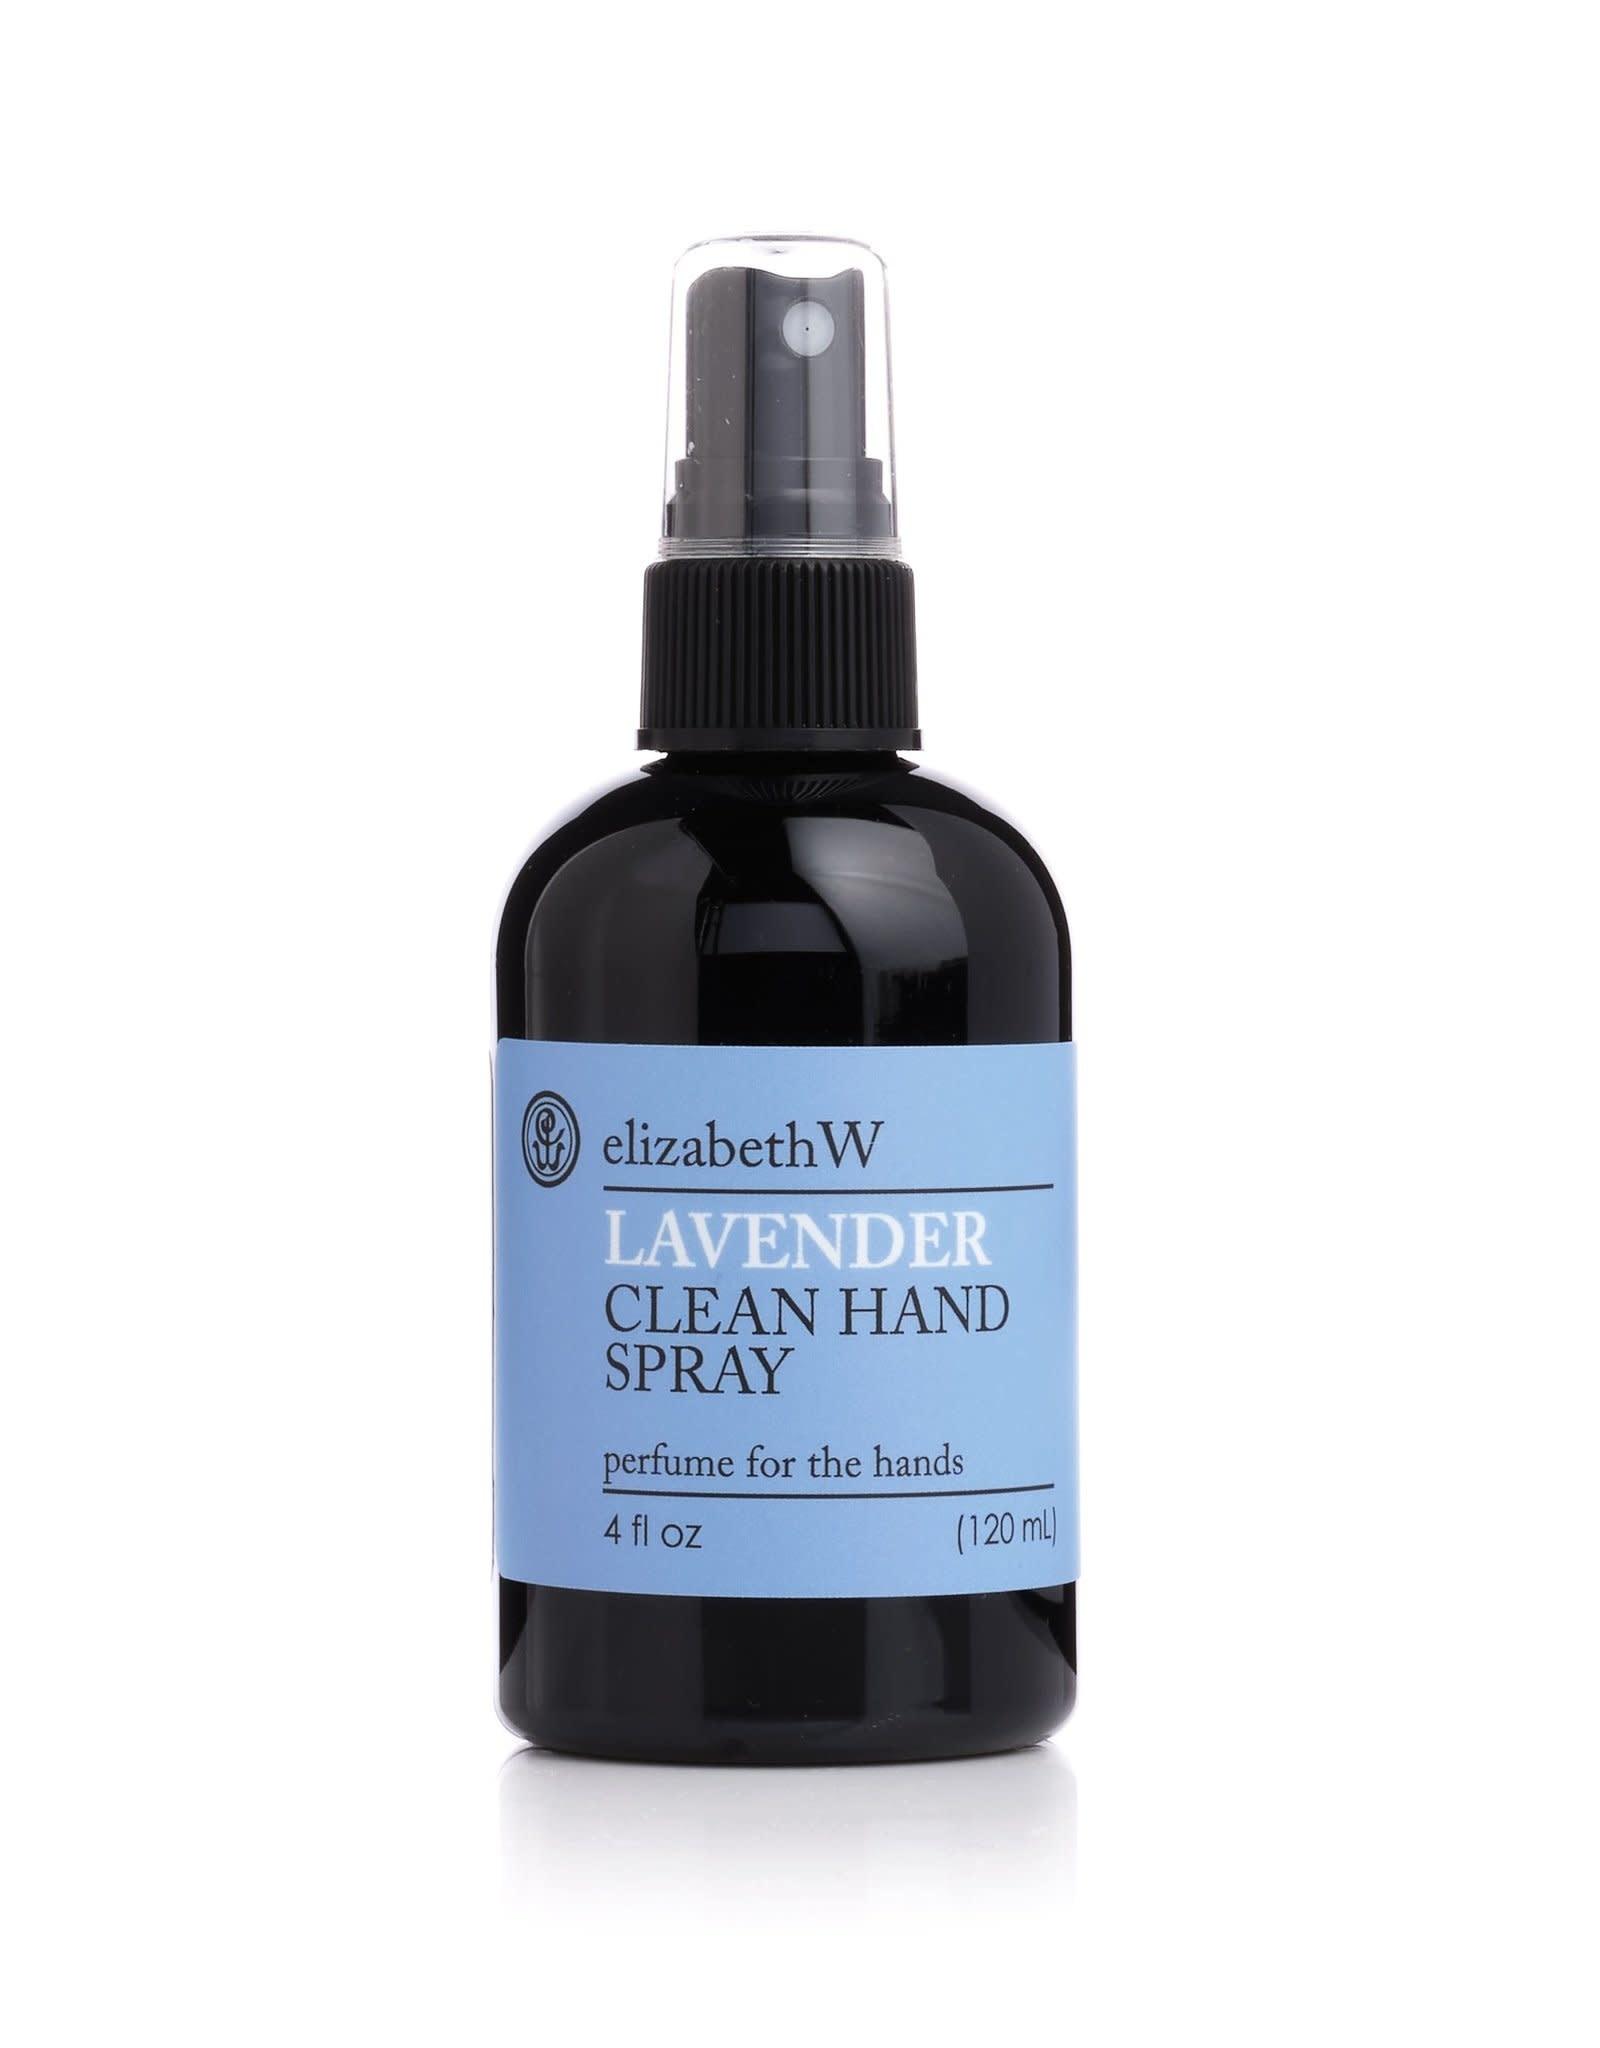 ELIZABETH W - Clean Hand Spray